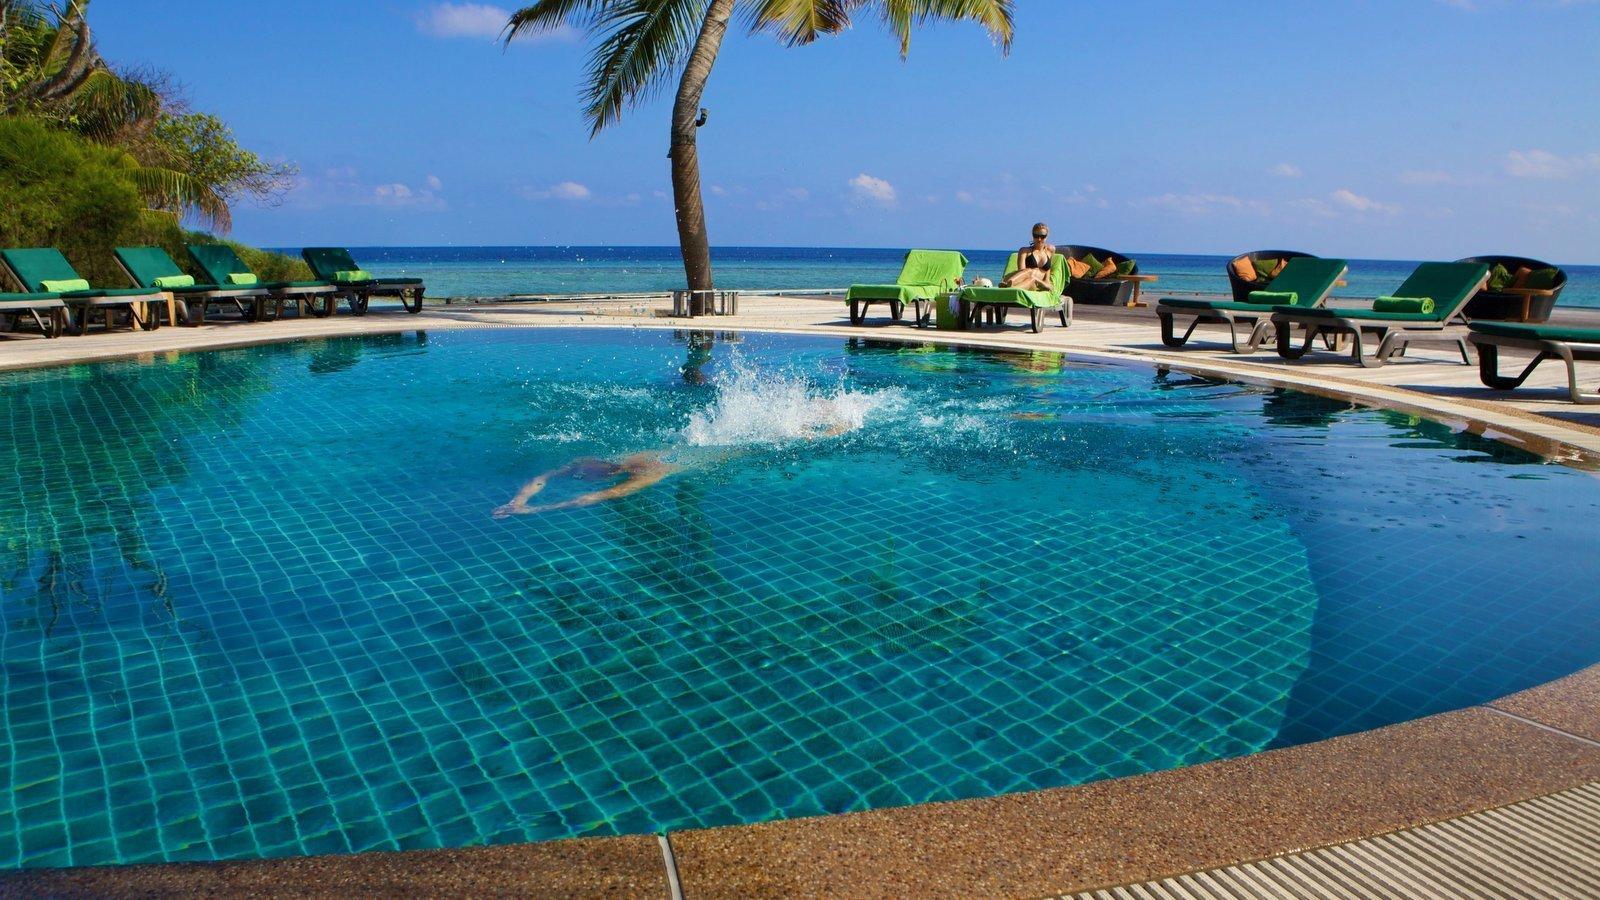 Мальдивы, отель Kuredu Island Resort, бассейн